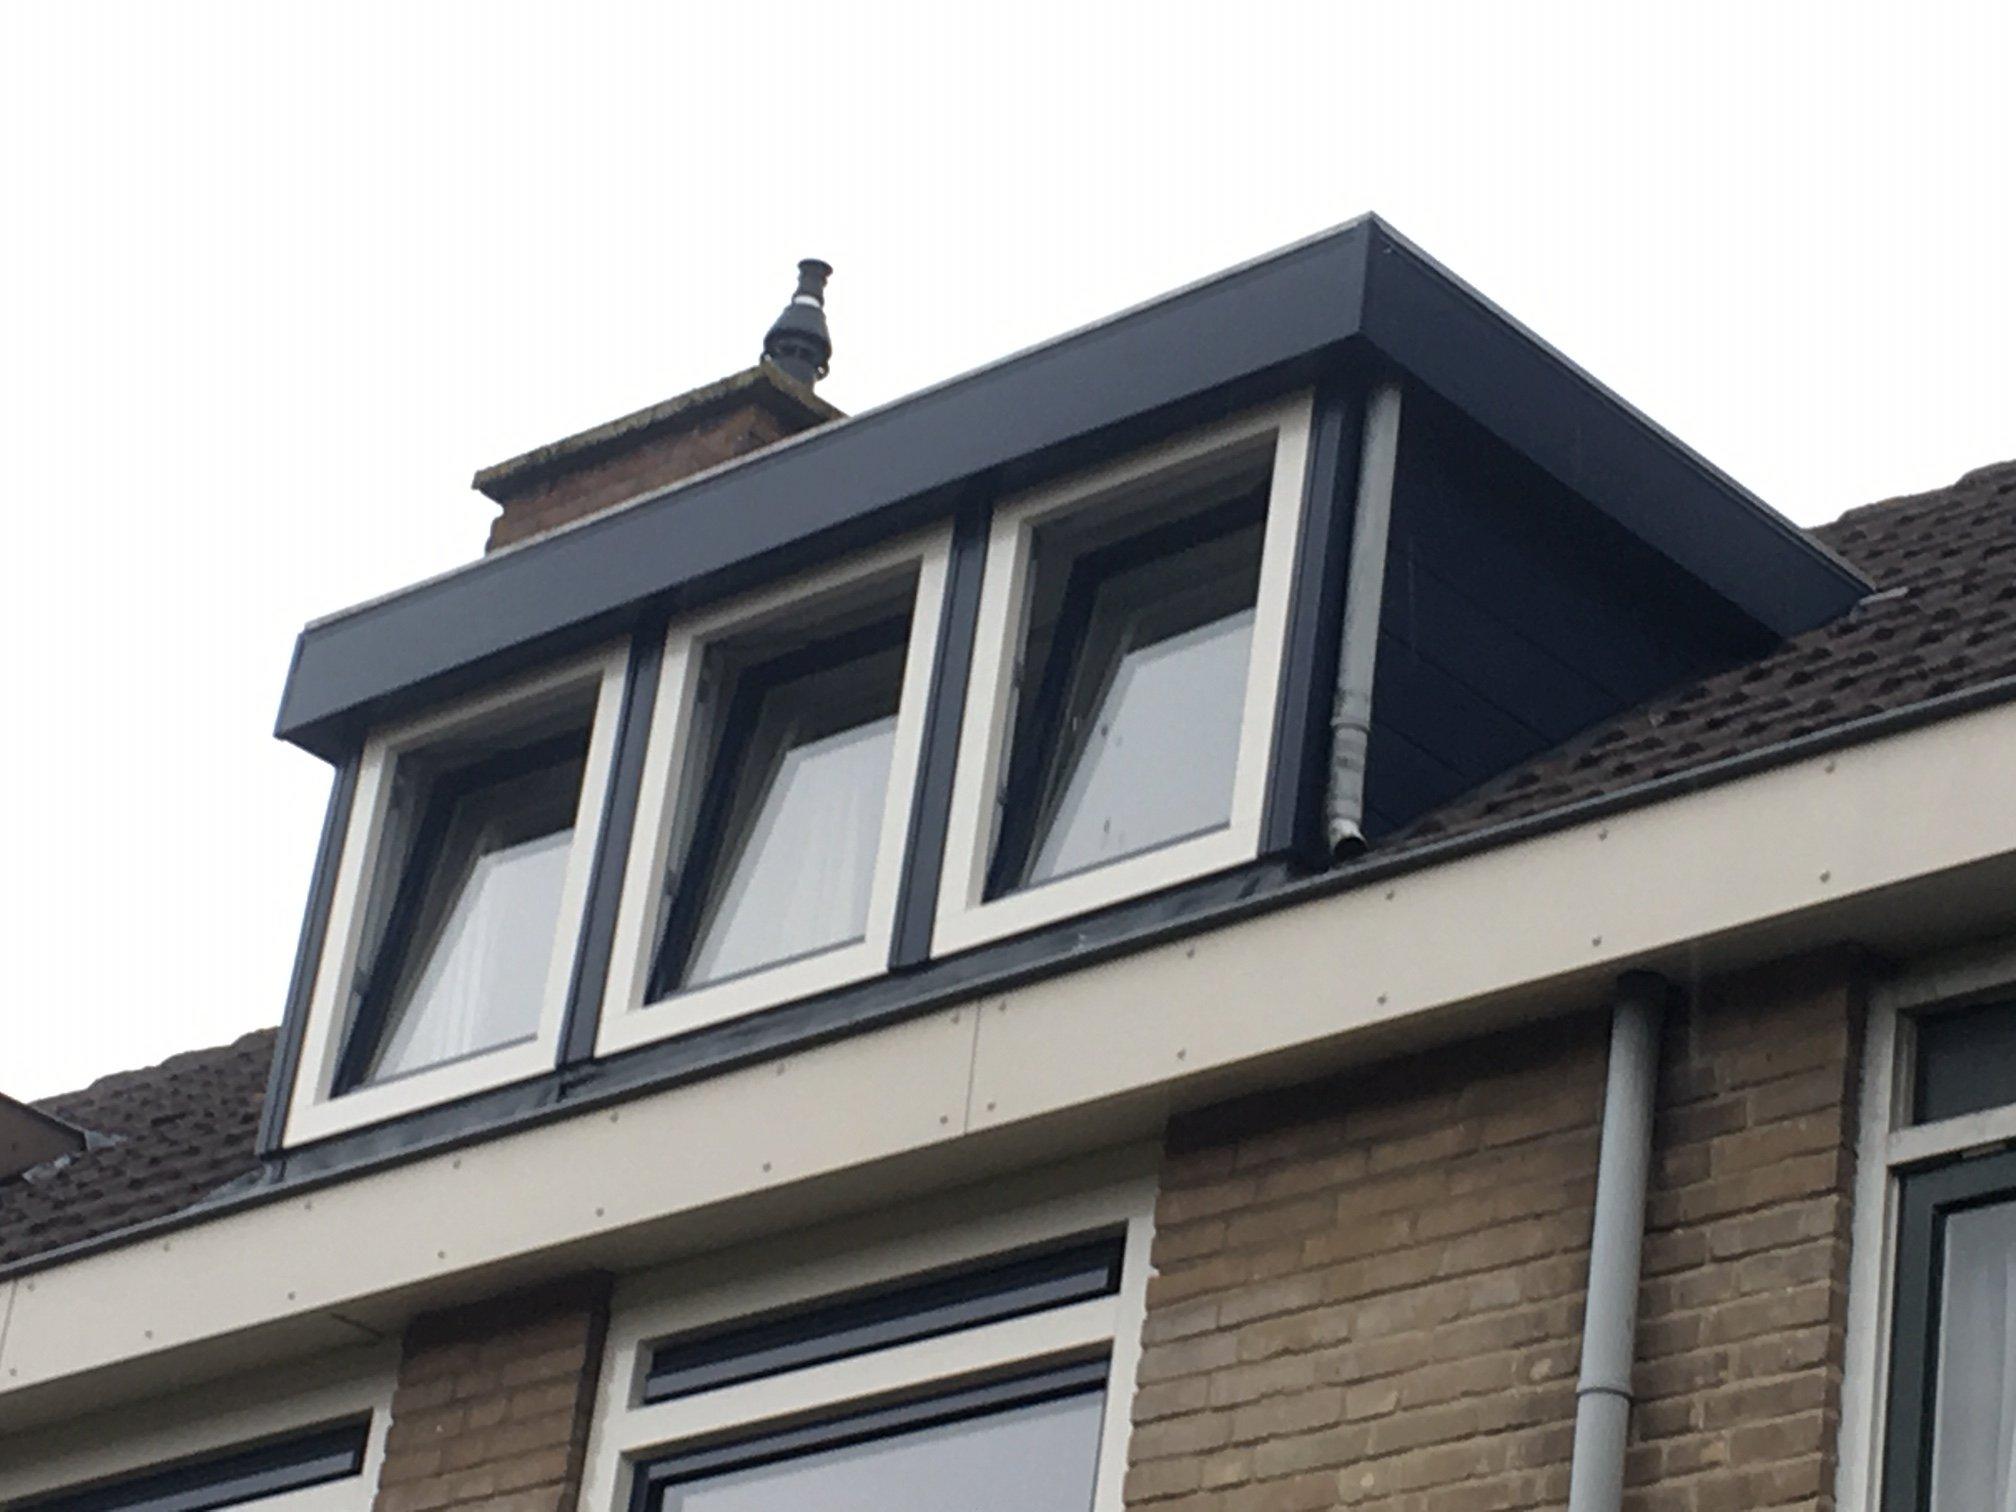 Dakkapel renovatie en kozijnen vervangen te Woerden.